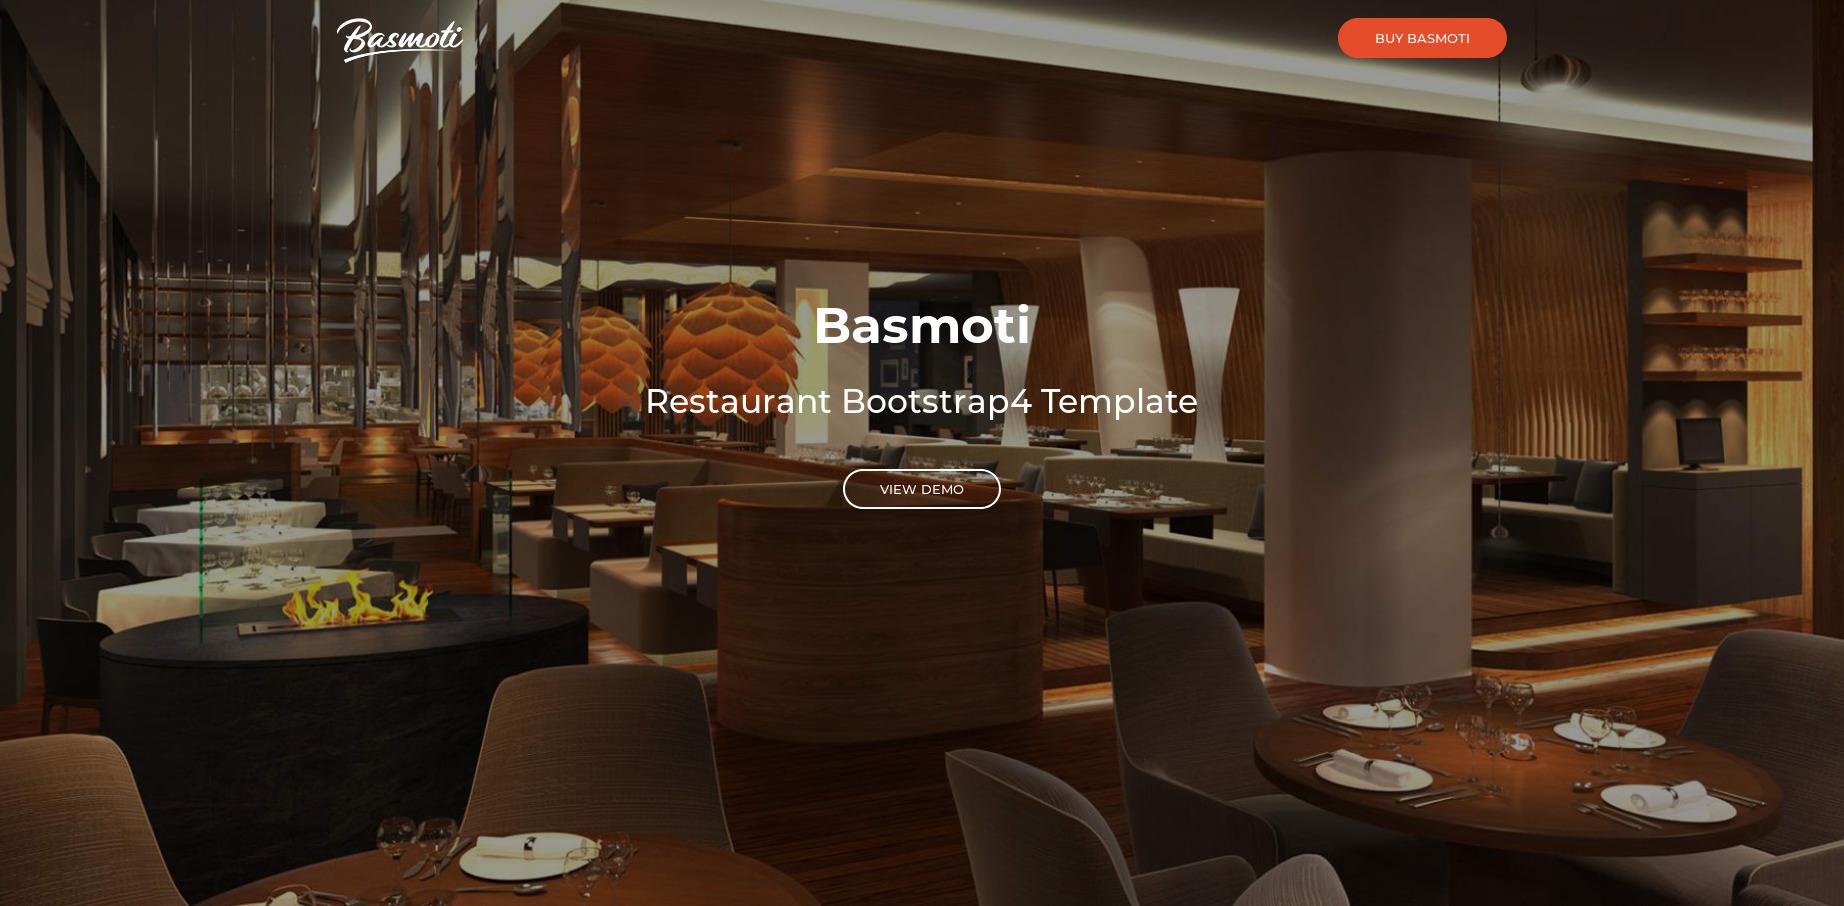 Basmoti